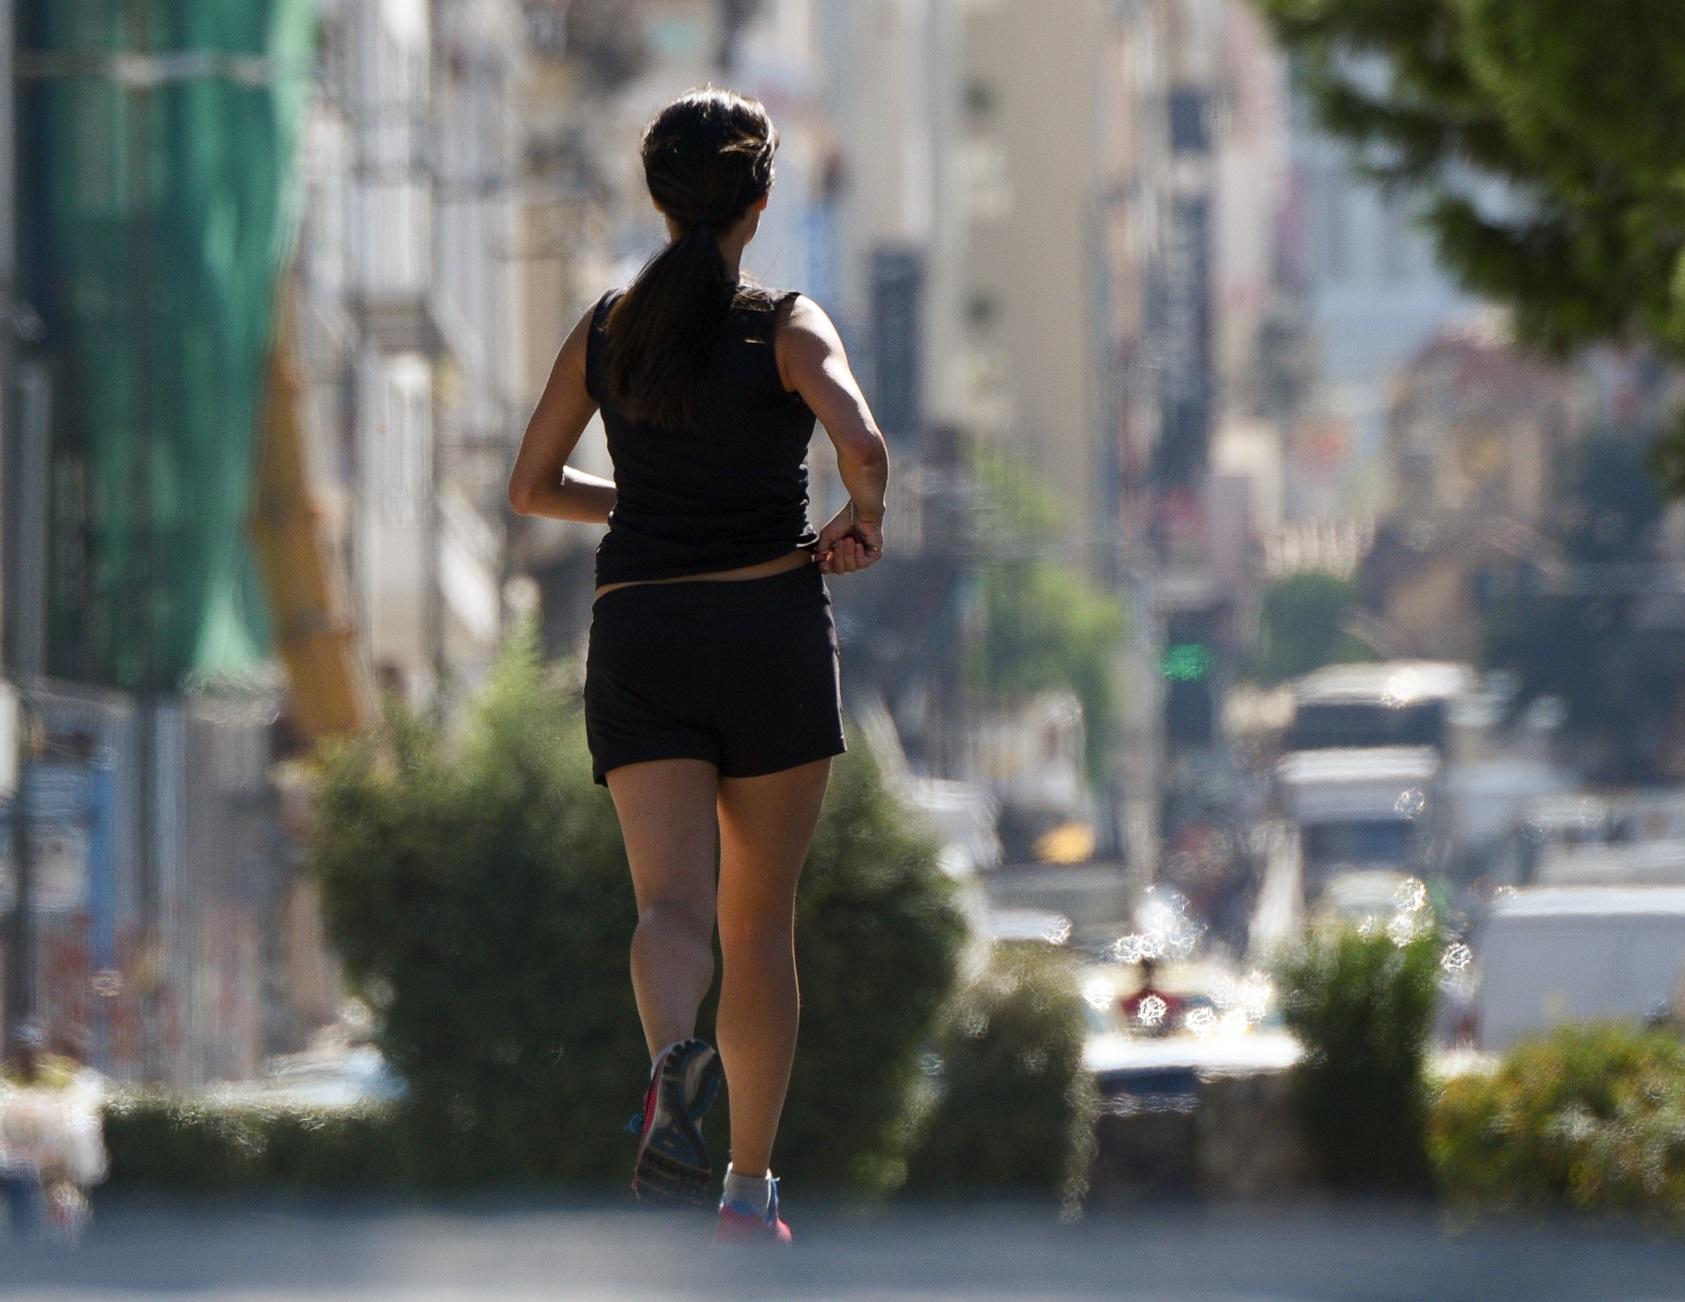 Θεσσαλονίκη: Εκβιασμός 22χρονης με προσωπικές φωτογραφίες και βίντεο! Ο δράστης στον εισαγγελέα